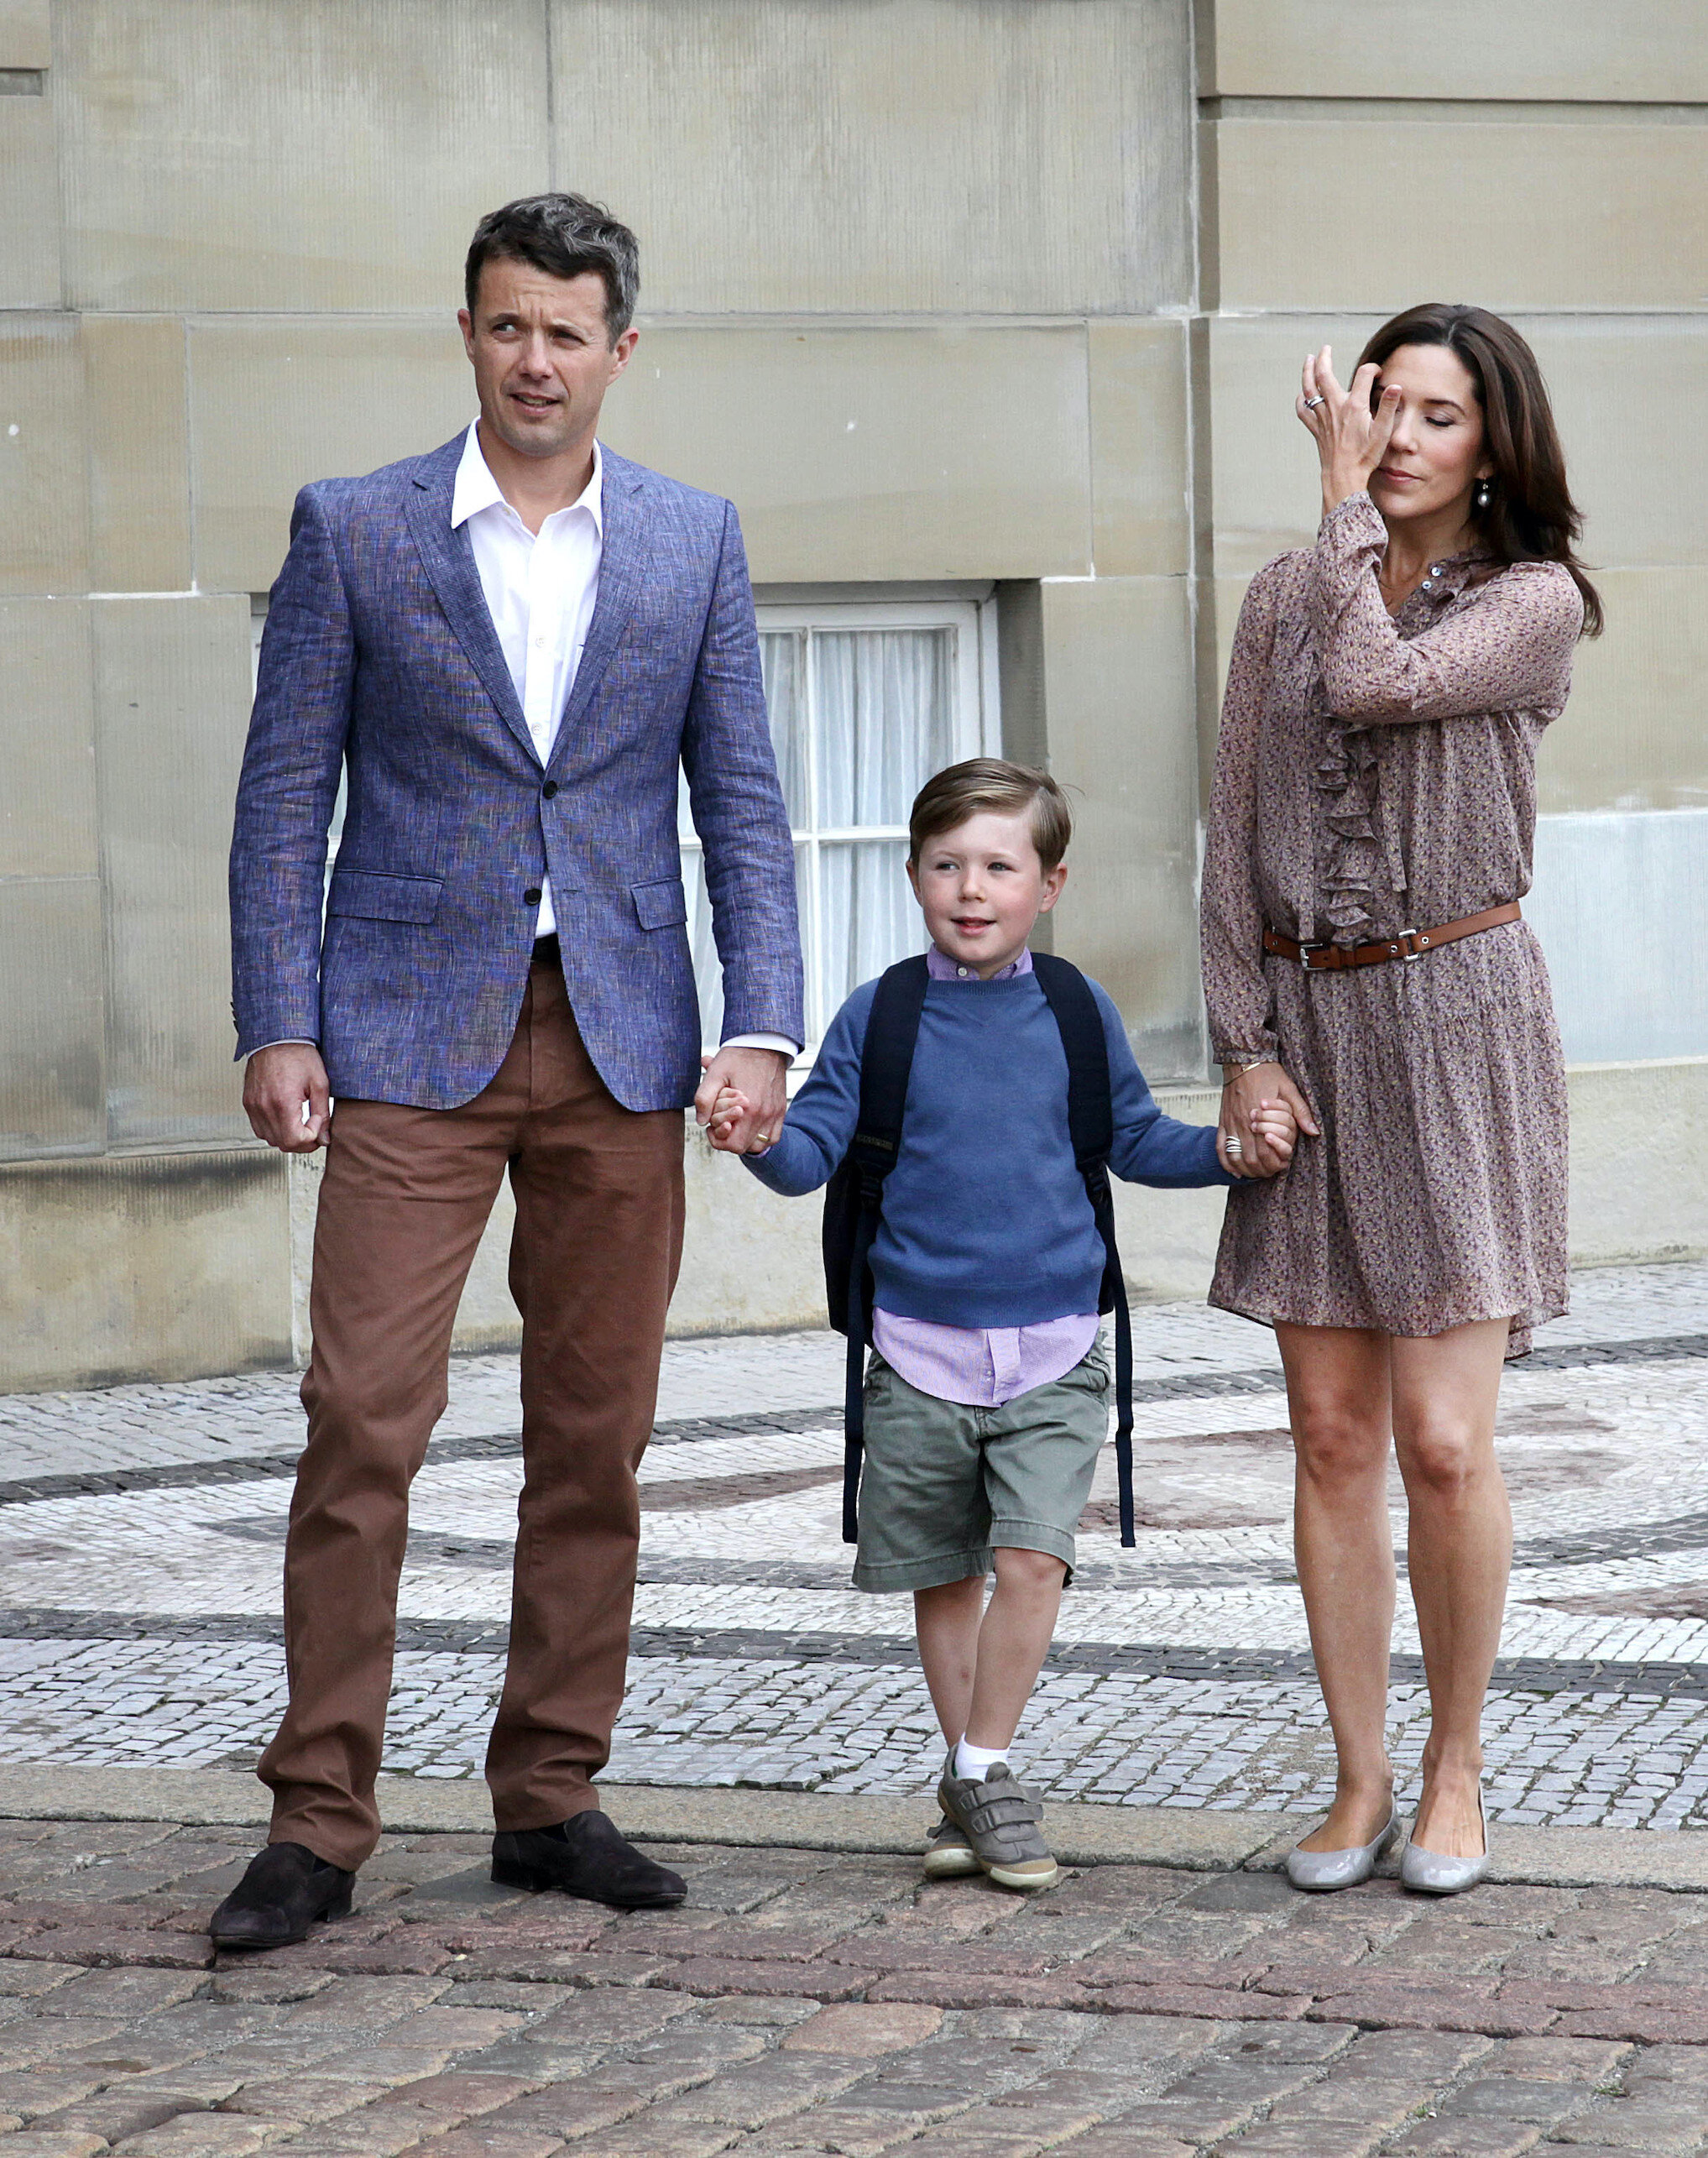 Kronprinz Frederik und Kronprinzessin Mary begleiten ihren Sohn zum ersten Schultag. © dpa